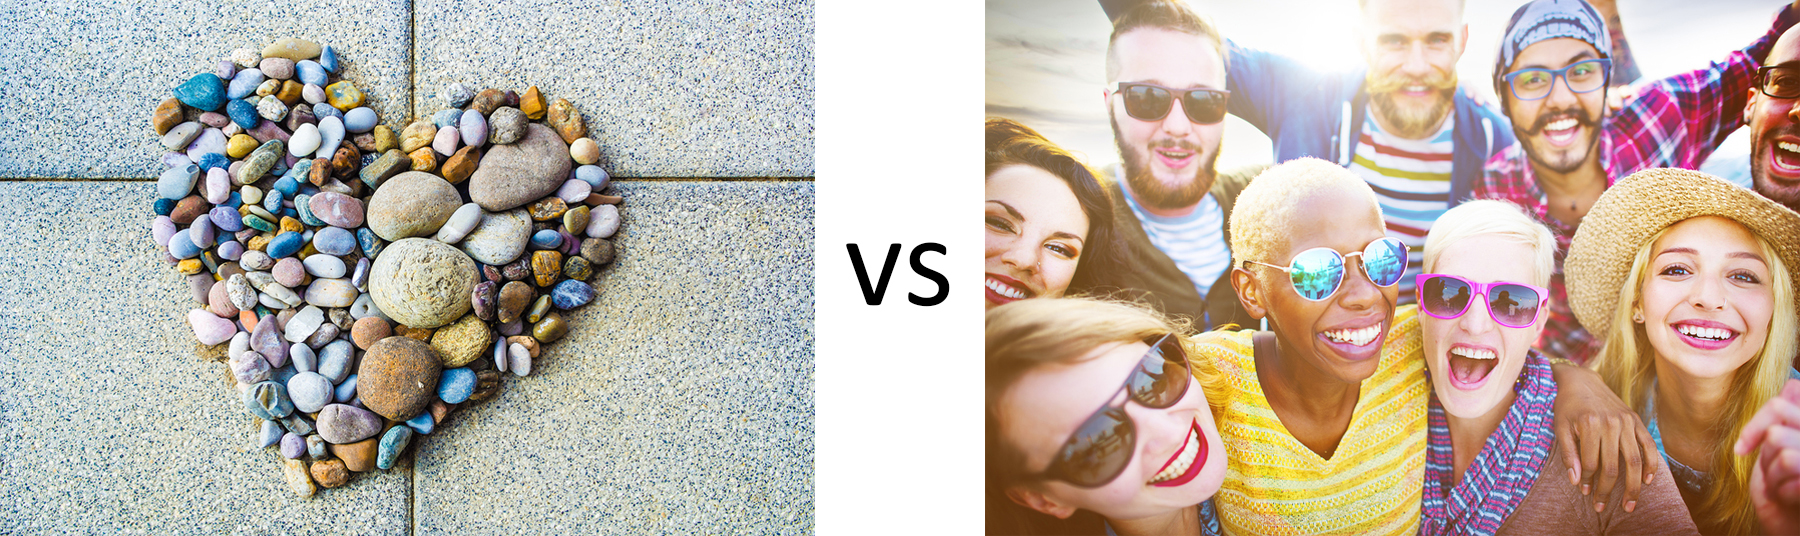 nonprofit blog faces vs rock